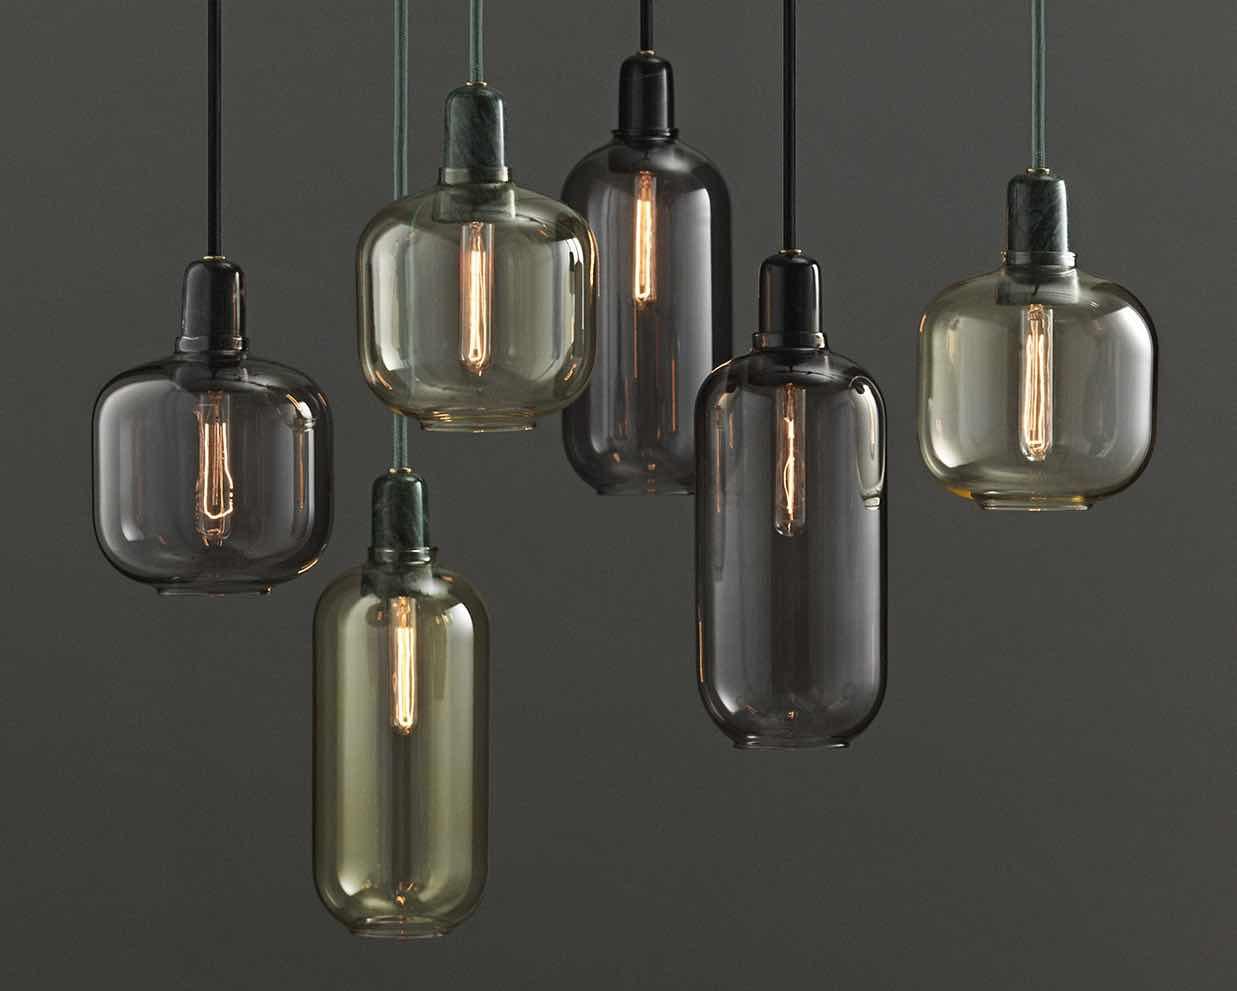 AMP Lampe von Normann Copenhagen - Designs2love